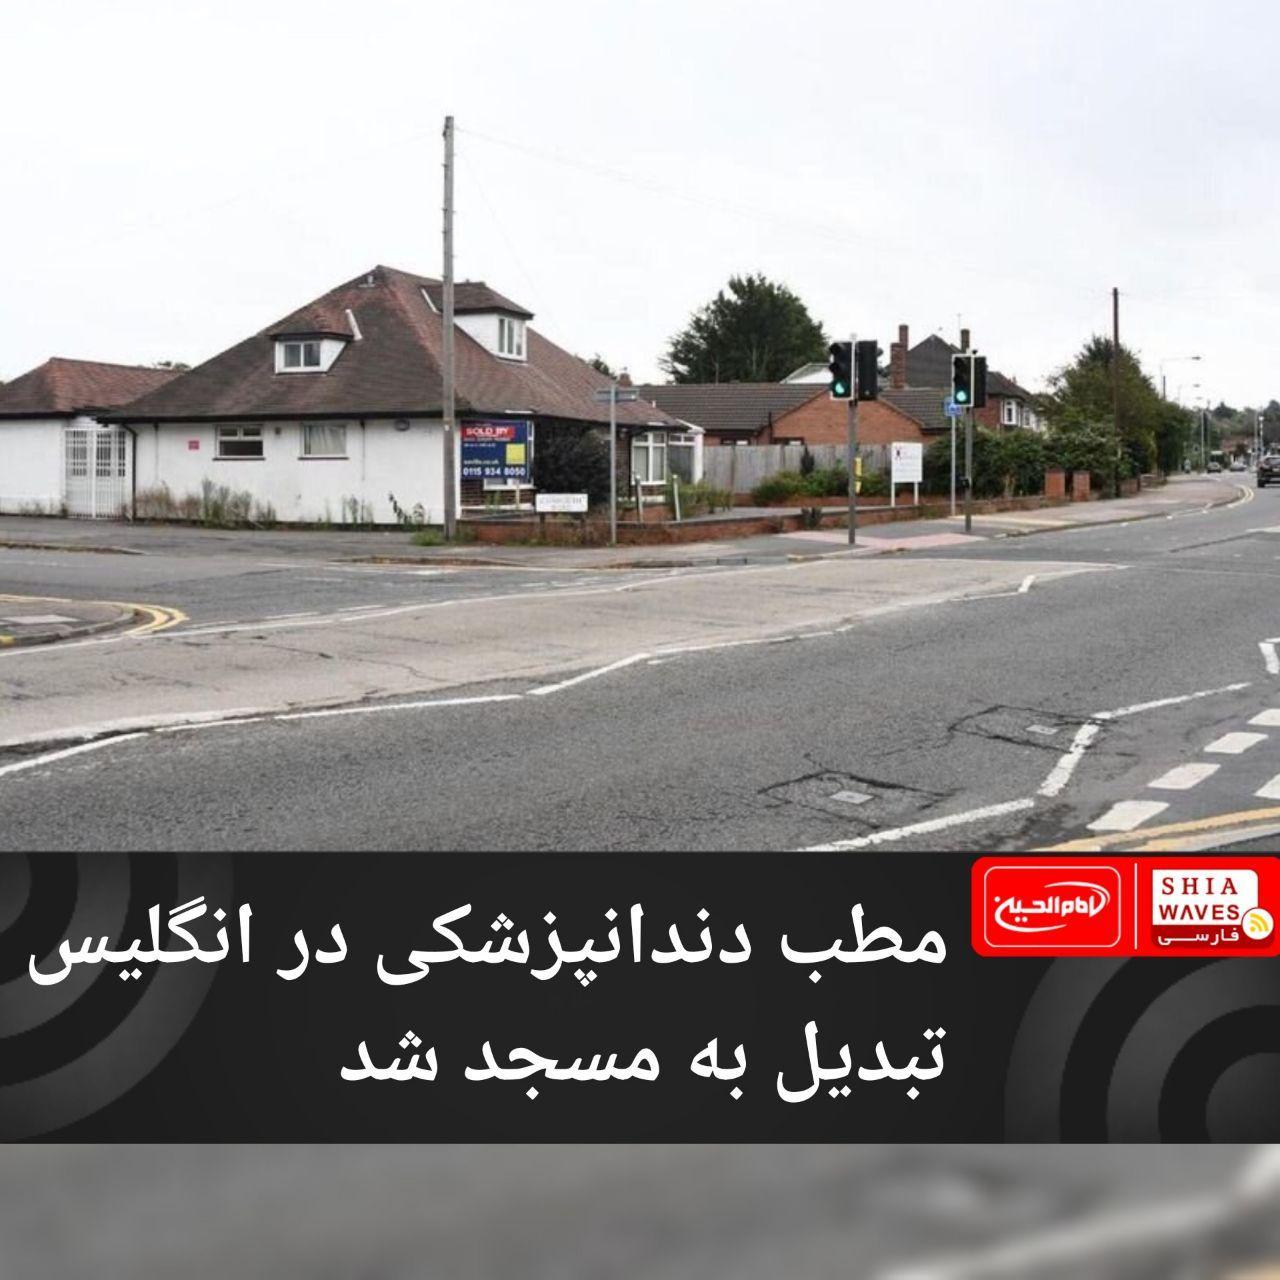 تصویر مطب دندانپزشکی در انگلیس تبدیل به مسجد شد